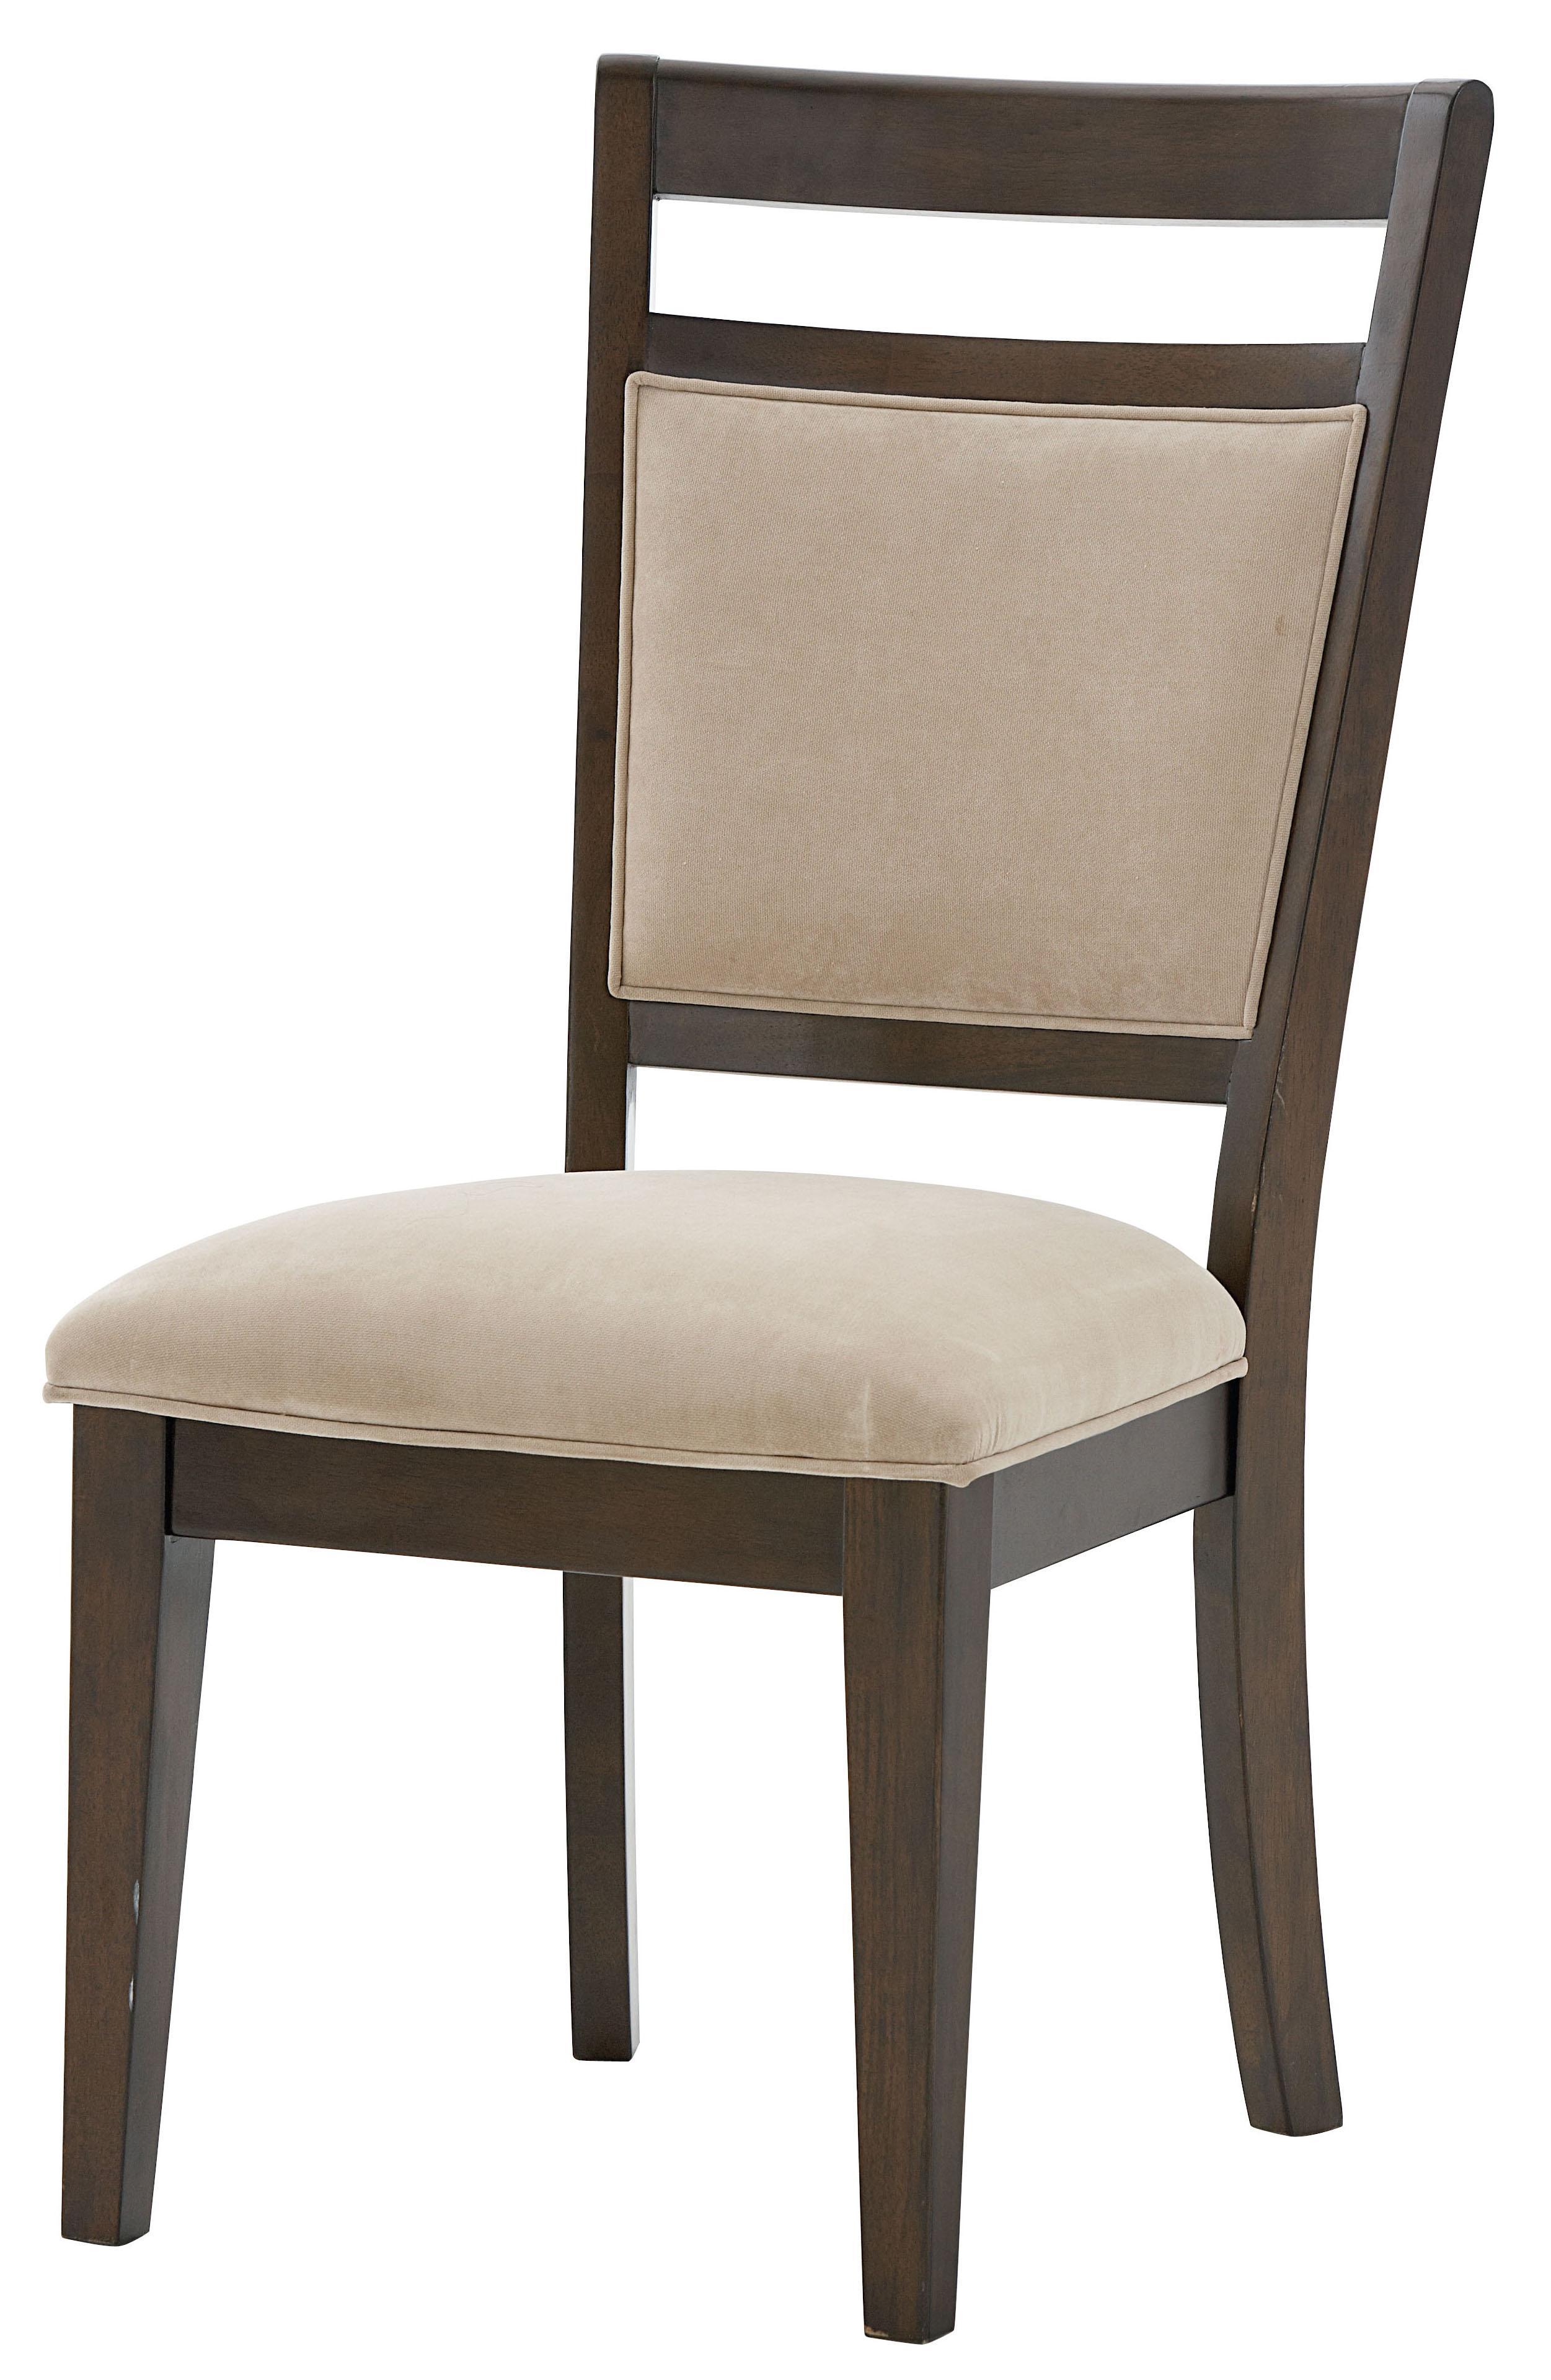 Standard Furniture Avion  Upholstered Side Chair - Item Number: 17824